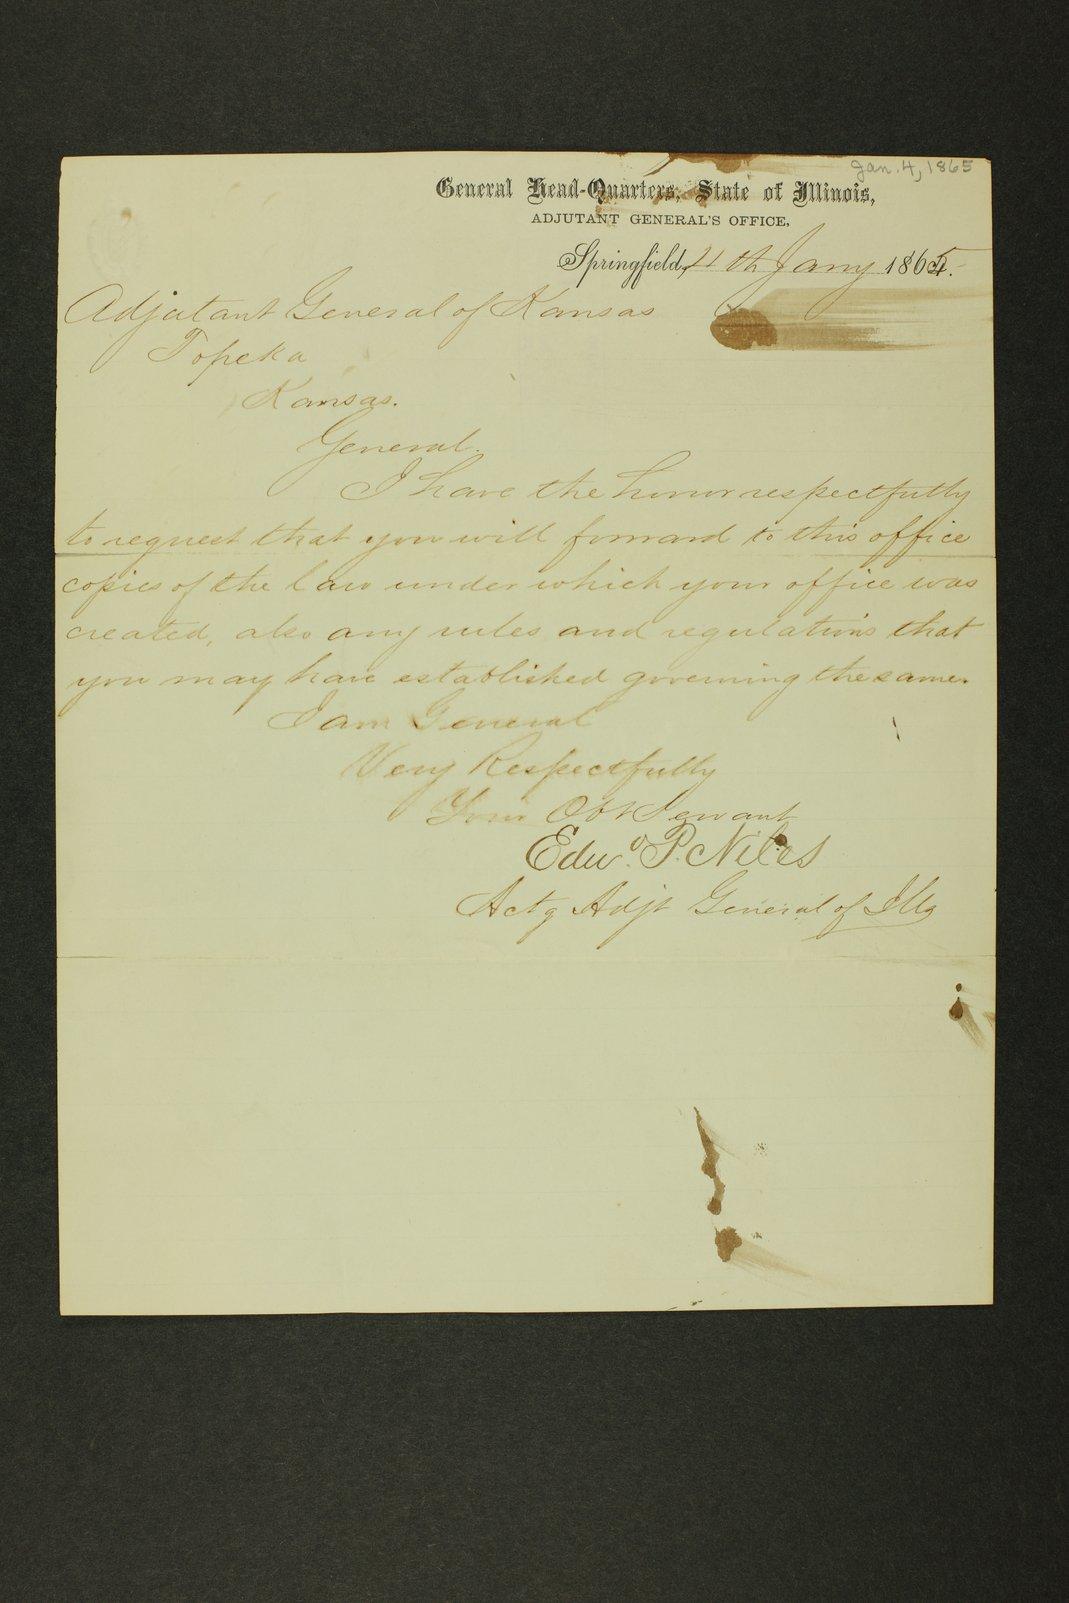 Kansas Adjutant General general correspondence - 4